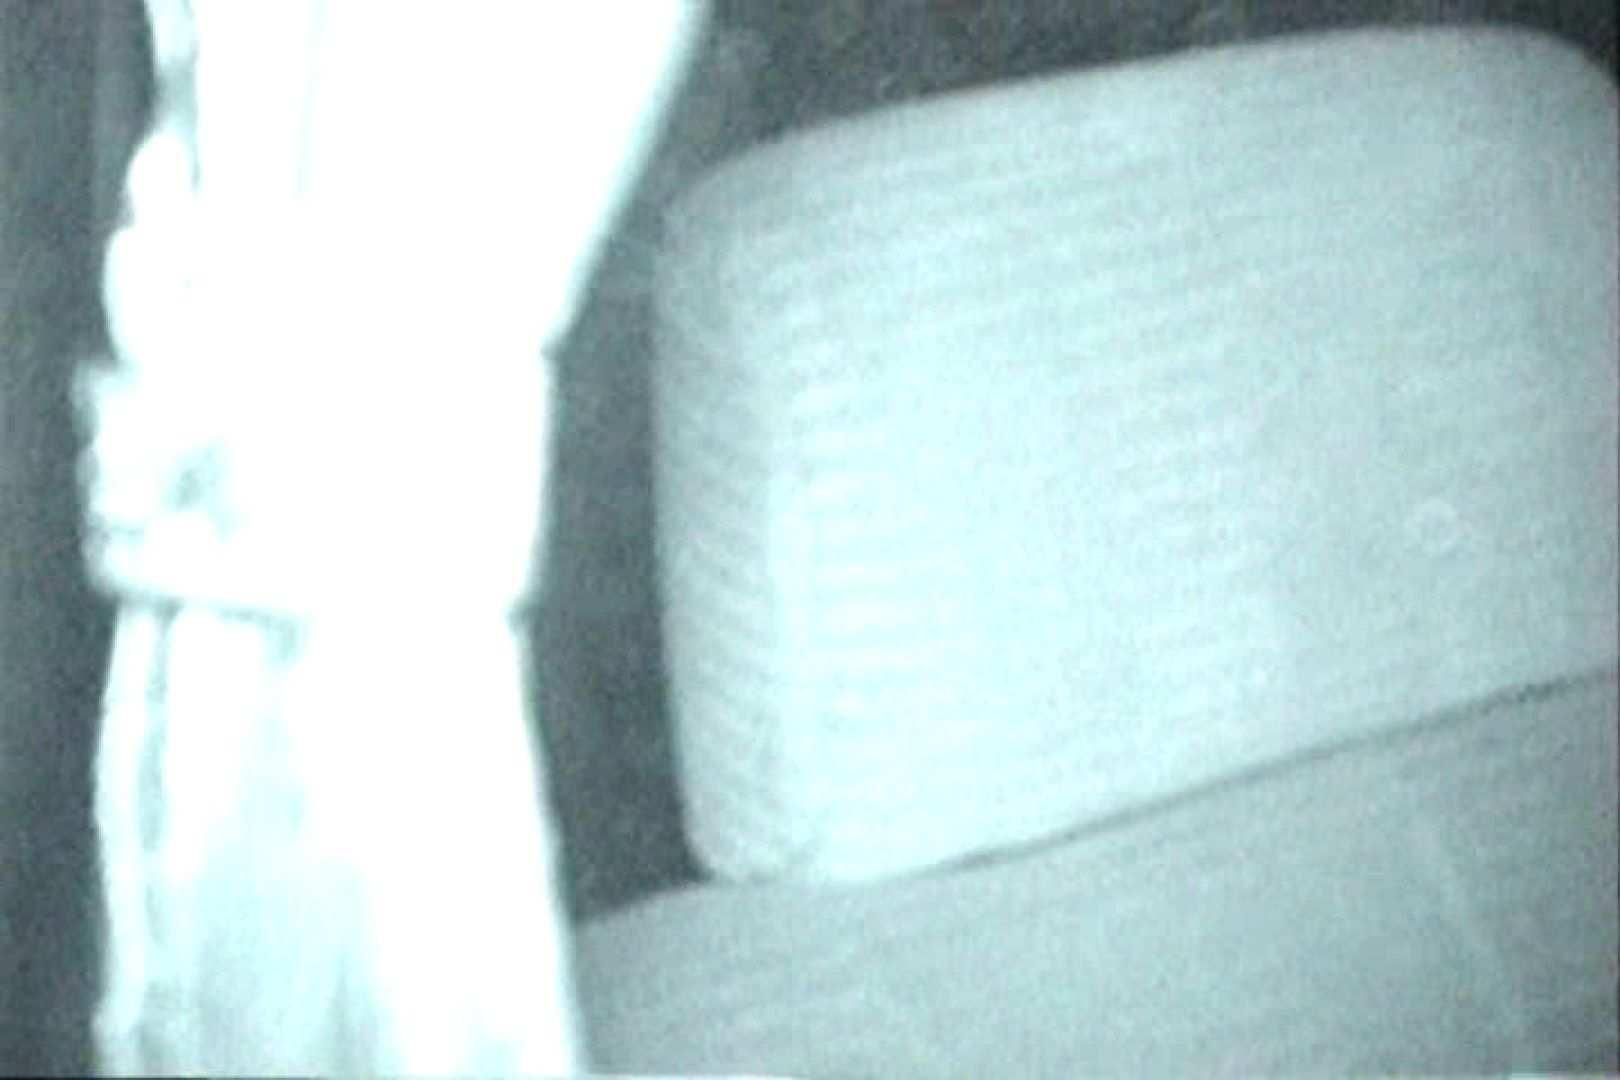 充血監督の深夜の運動会Vol.143 OLの実態 盗撮われめAV動画紹介 31pic 22